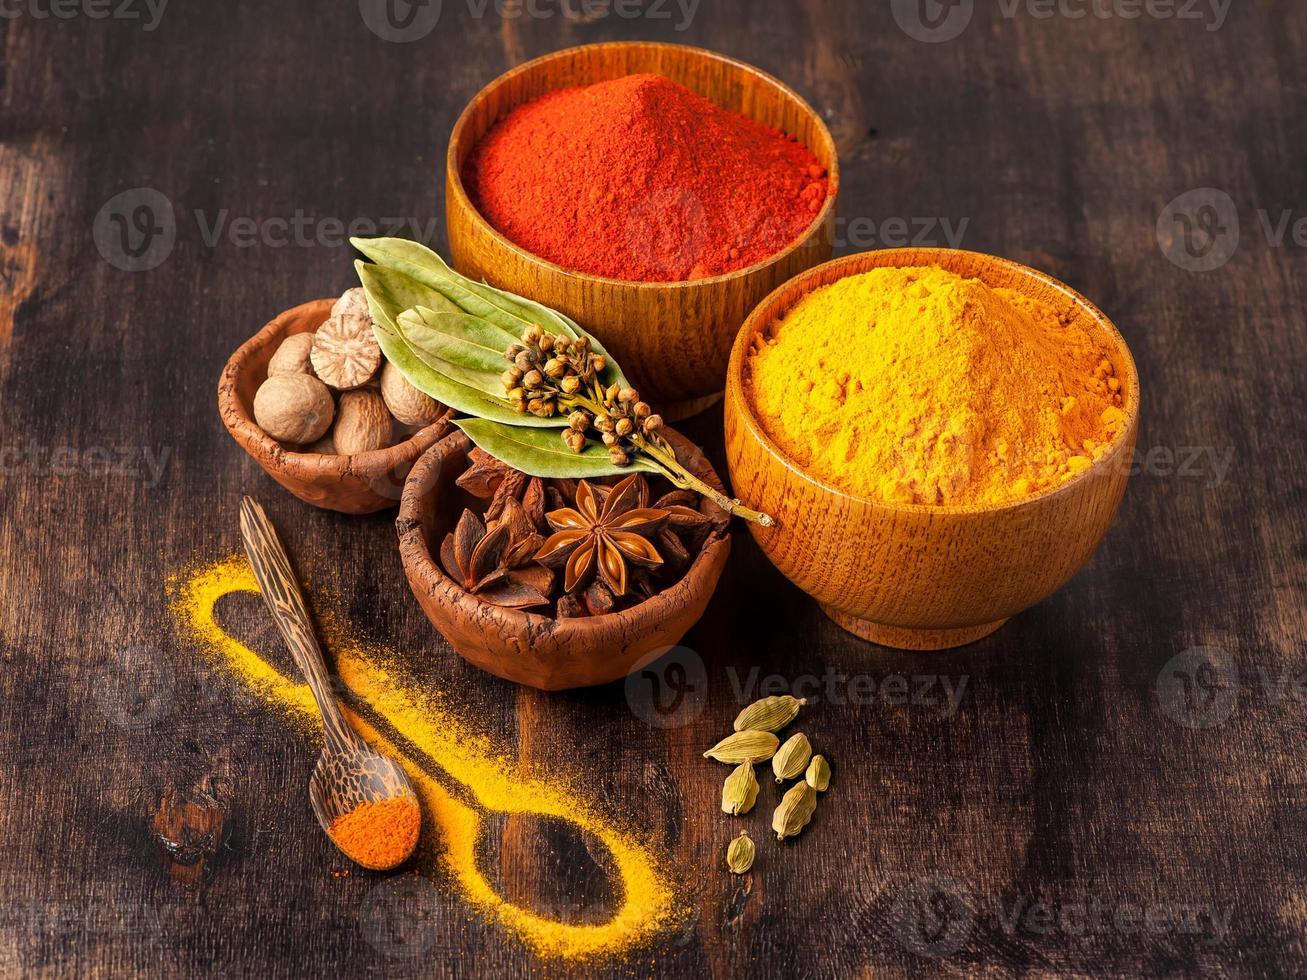 Gewürze Curry, Paprika, Muskatnuss, Sternanis, Kardamom. foto